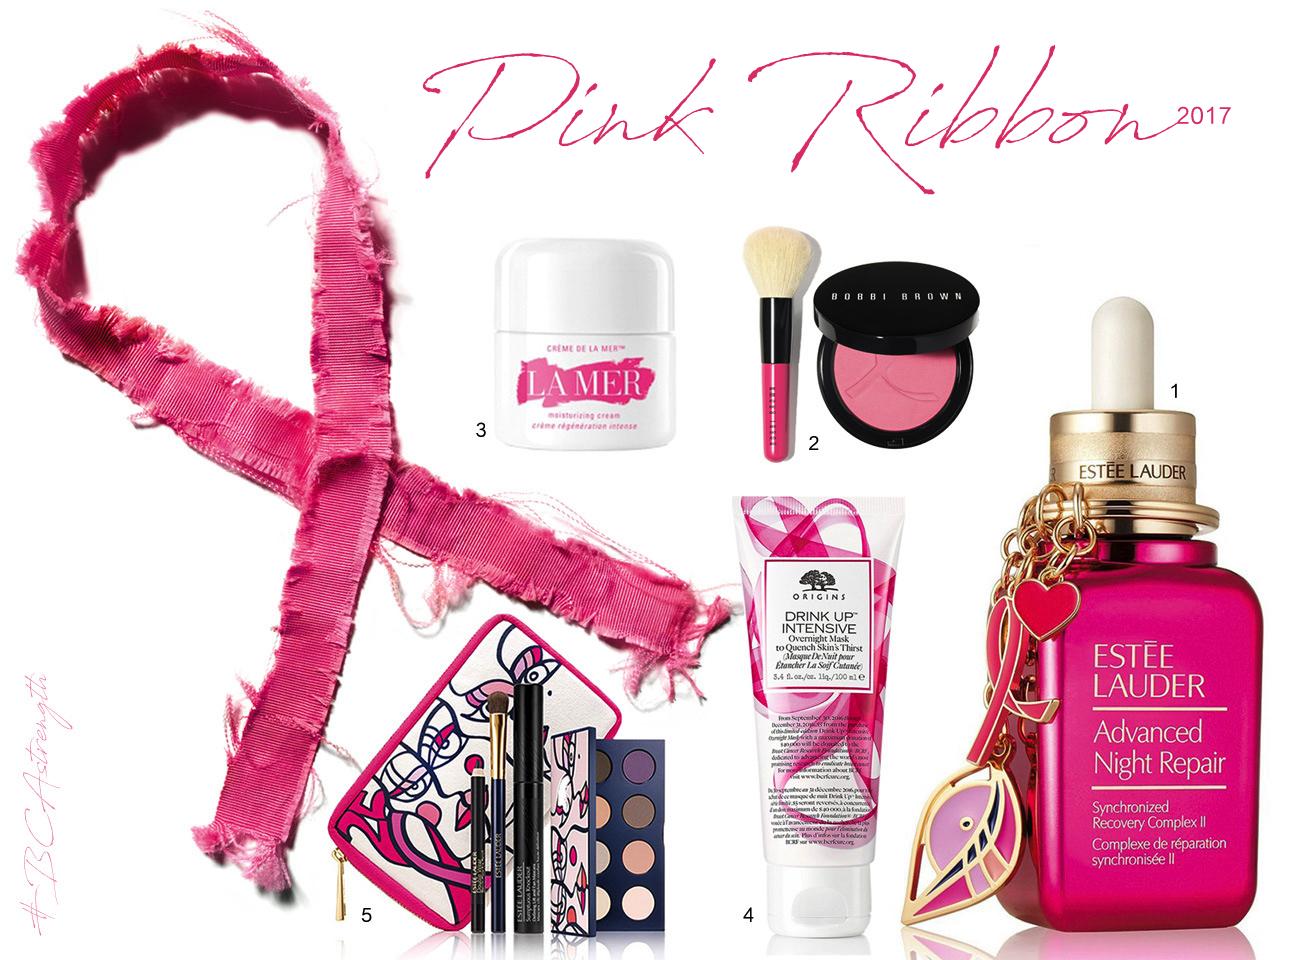 Pink-ribbon-produkte-2017-beautyprodukte-gegen-brustkrebs-kampagne-fashiioncarpet-nina-schwichtenberg